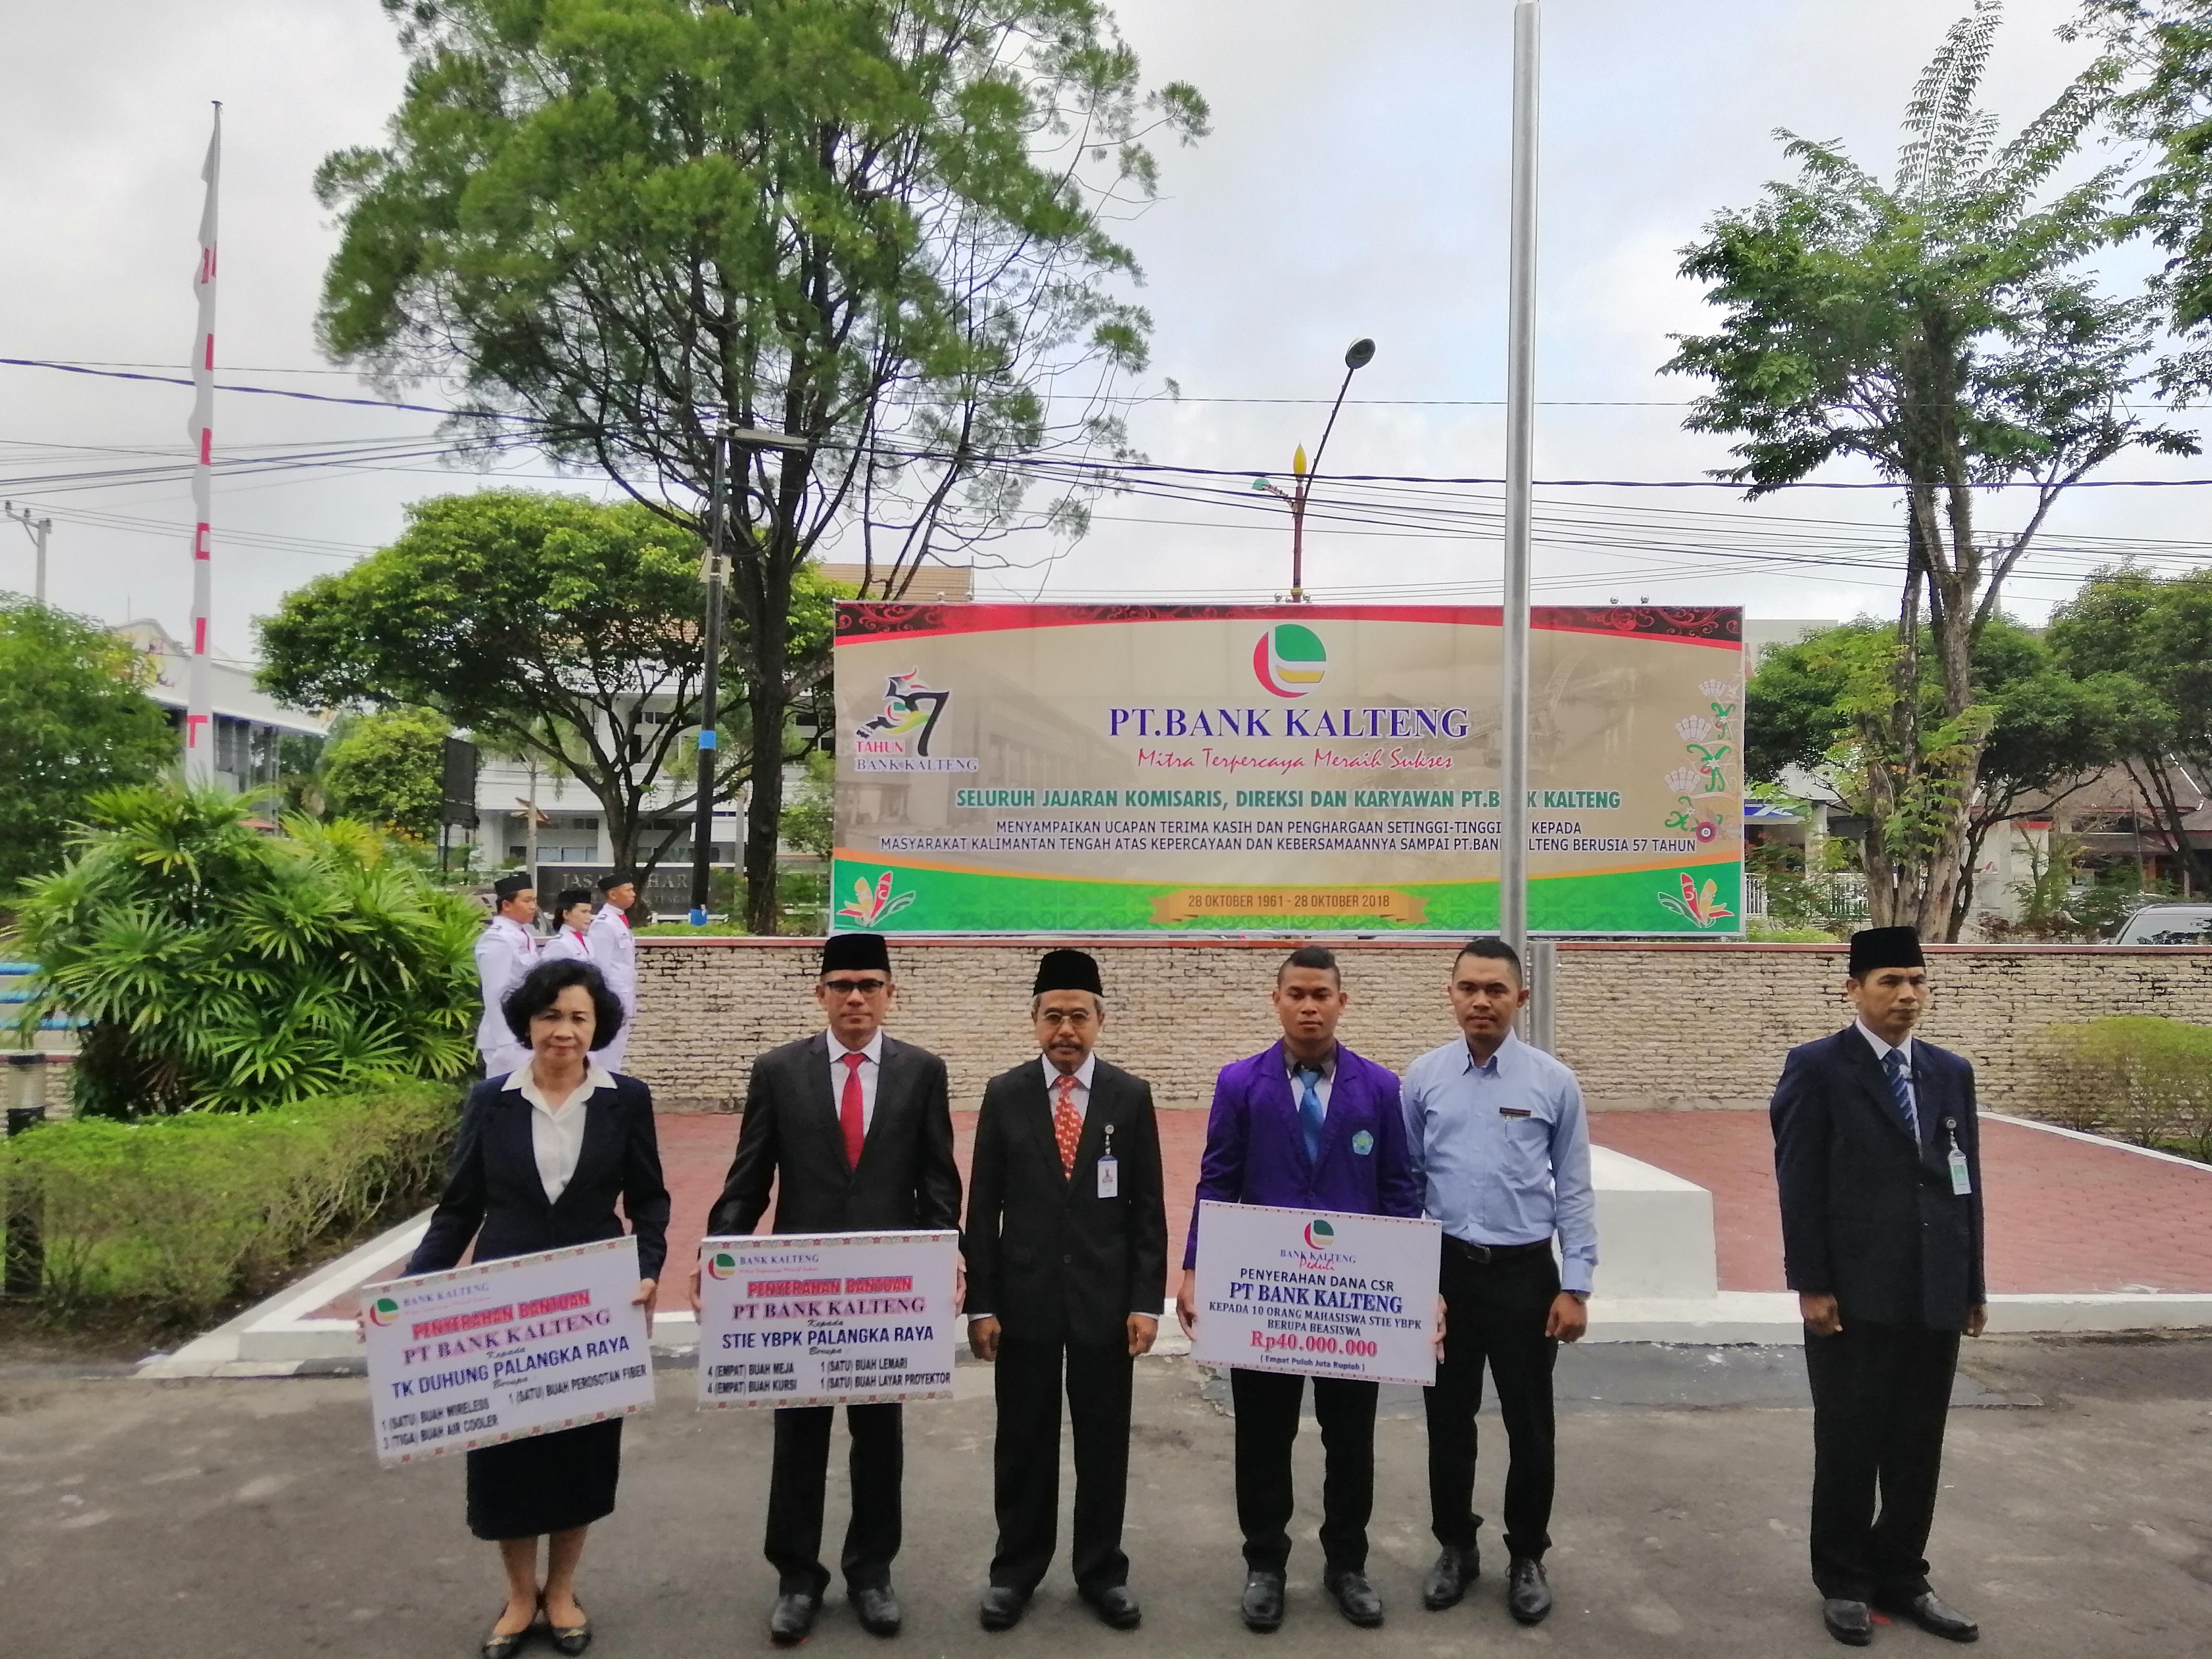 STIE YBPK Palangka Raya Ikut Peringati HUT Bank Kalteng Ke 57